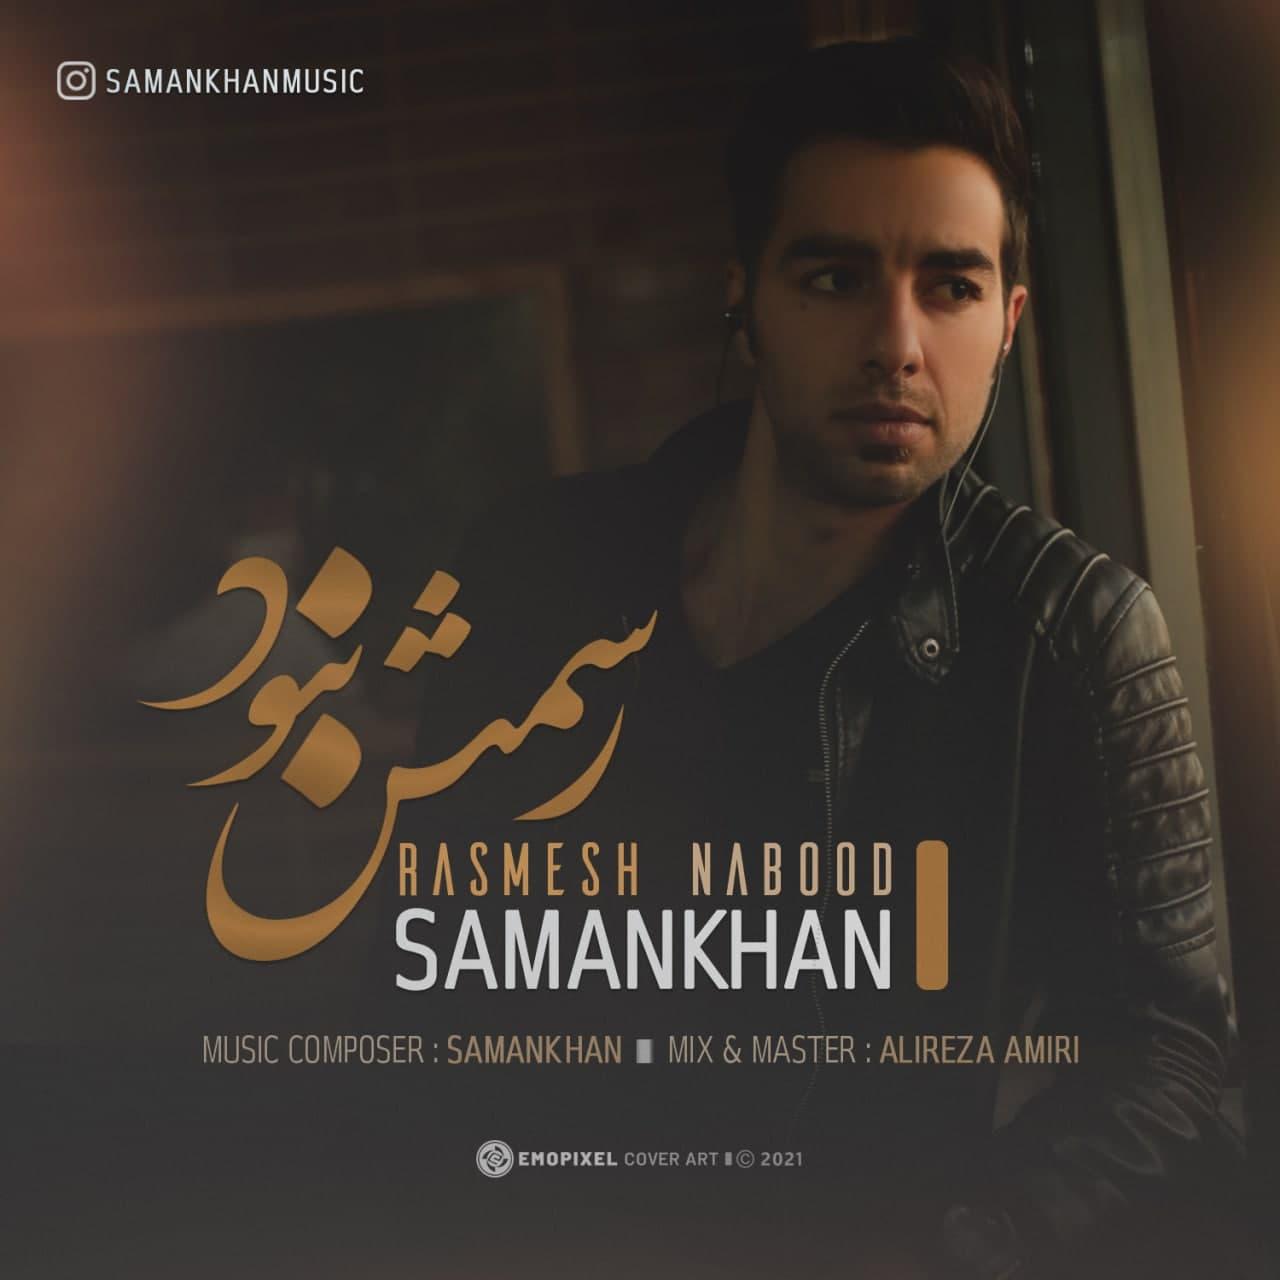 دانلود موزیک جدید رسمش نبود از سامان خان